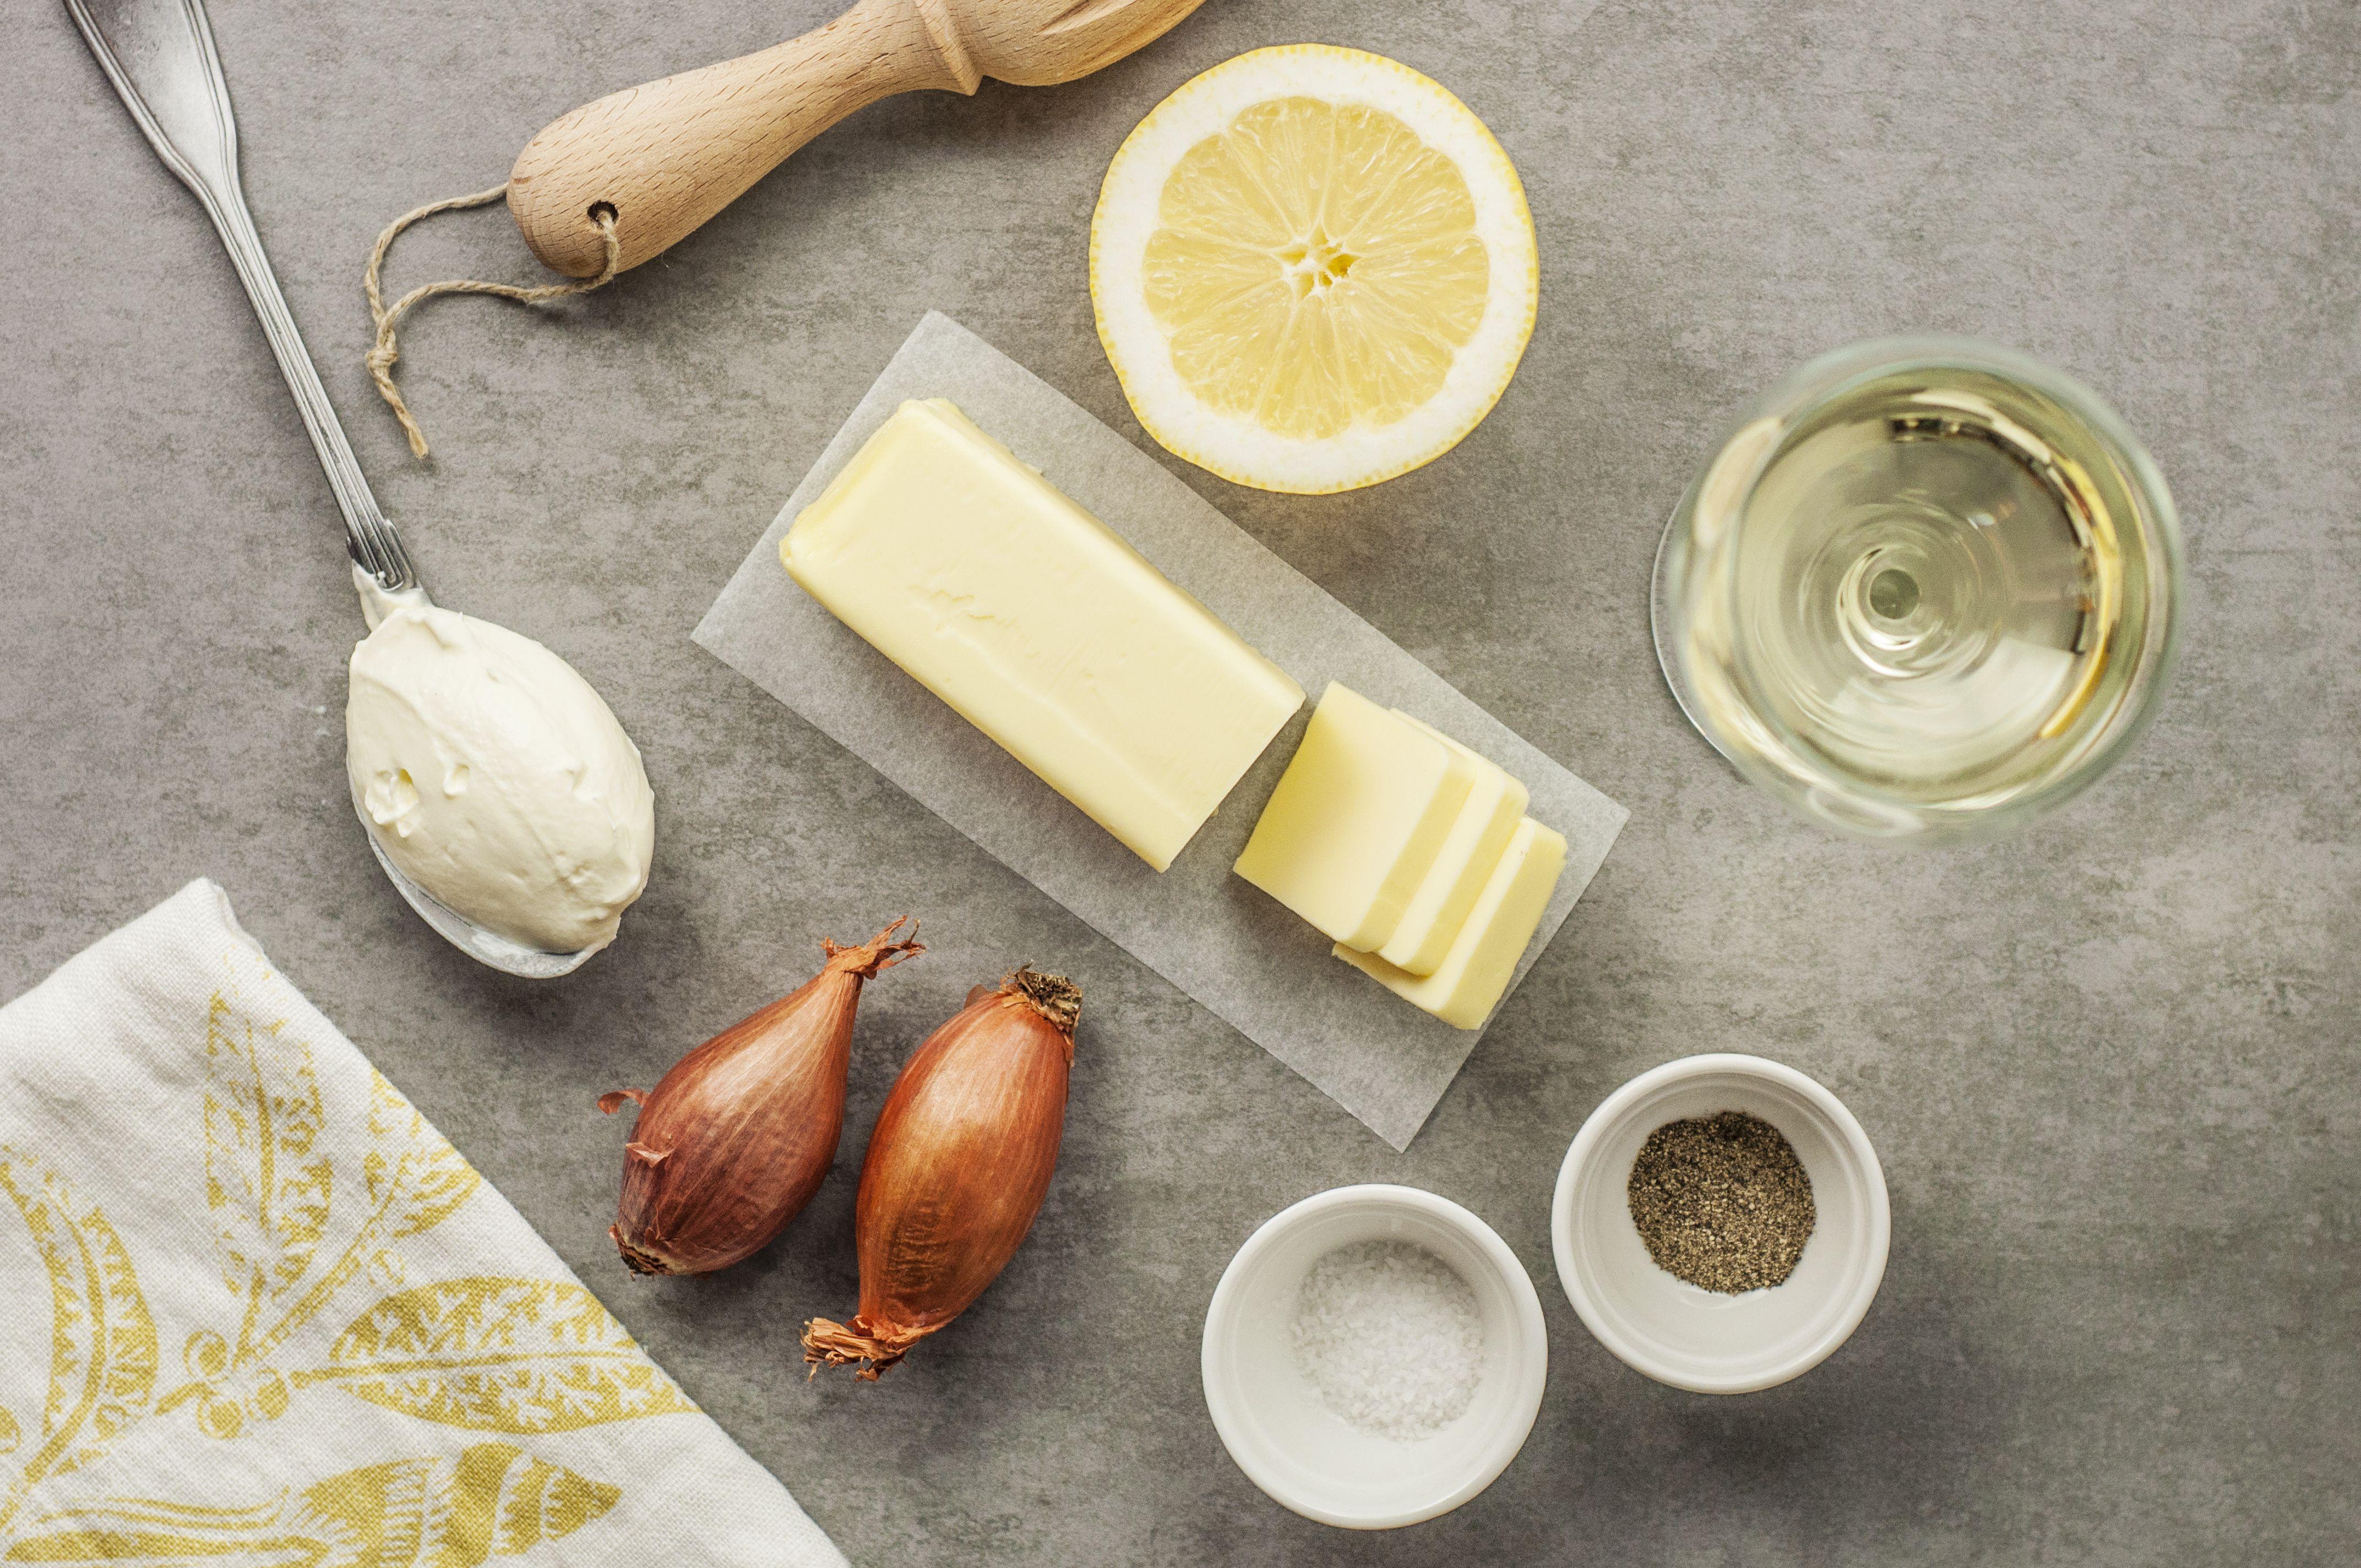 Ingredients for making lemon beurre blanc sauce